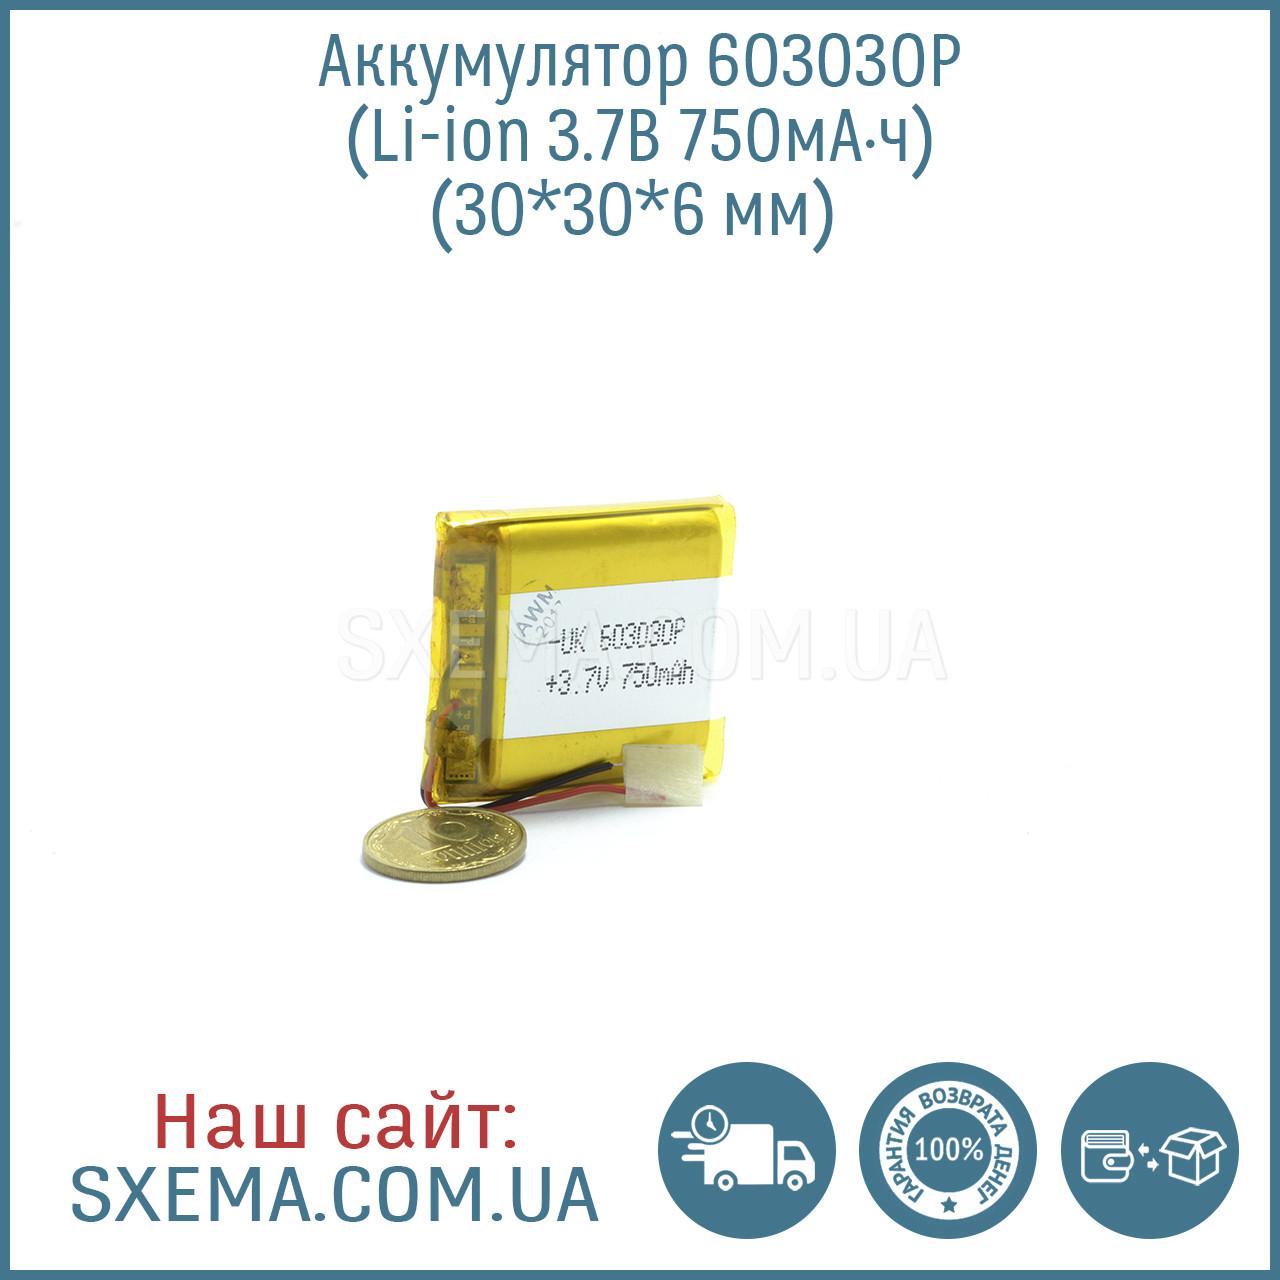 Акумулятор універсальний 603030 (Li-ion 3.7 В 500мА·год), (30*30*6 мм)